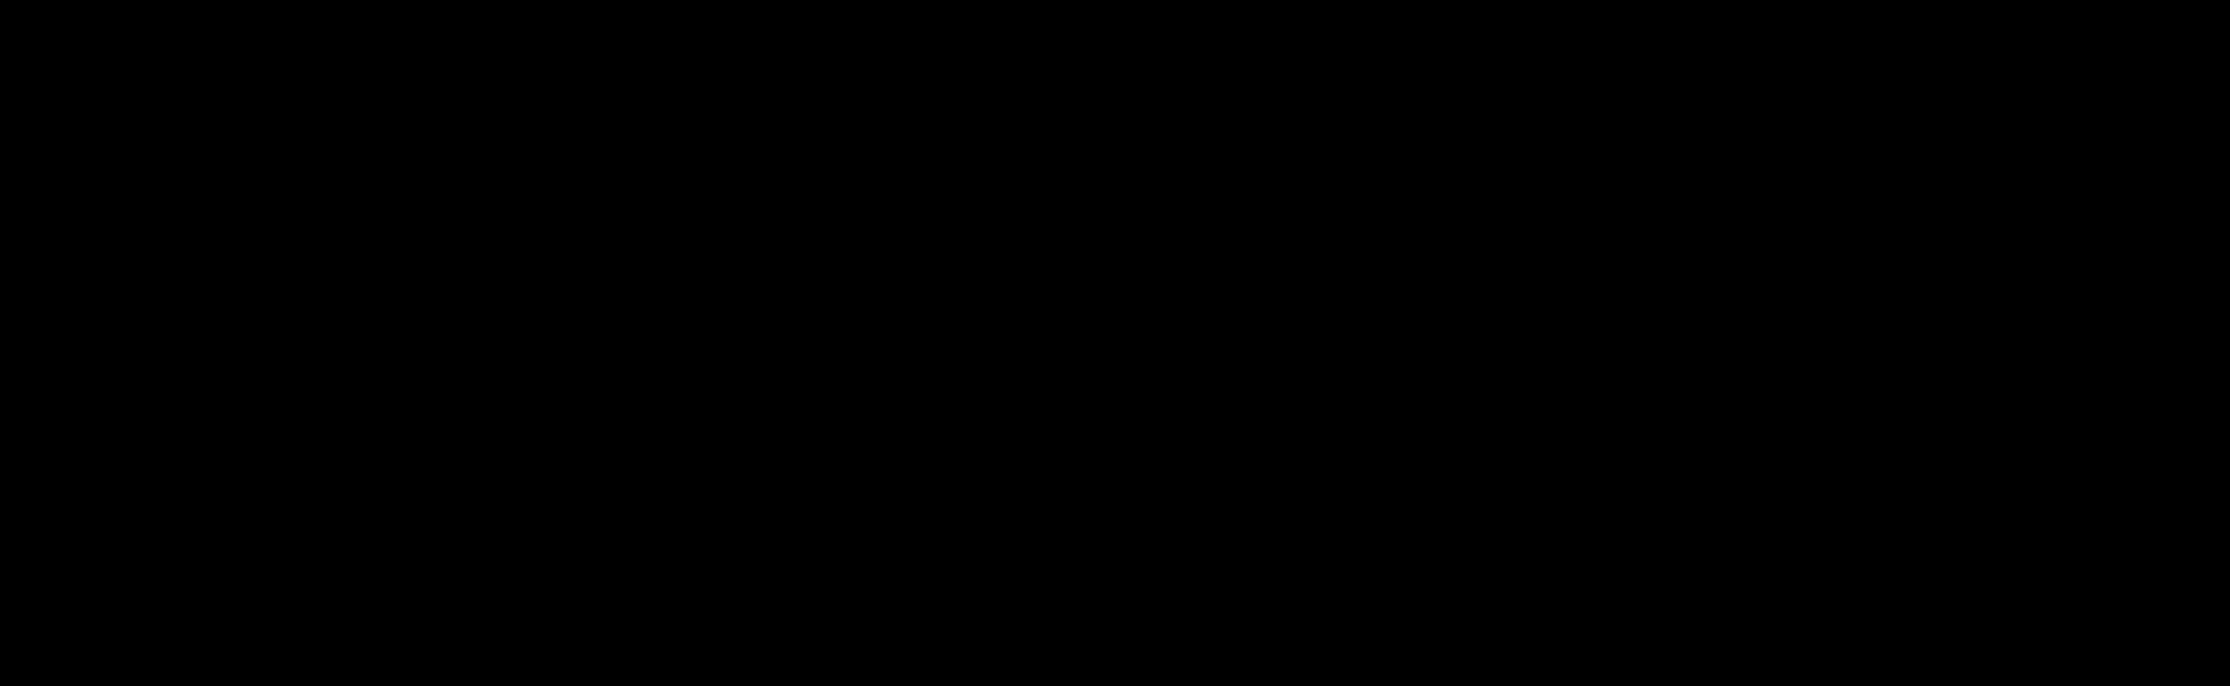 Ediaz33